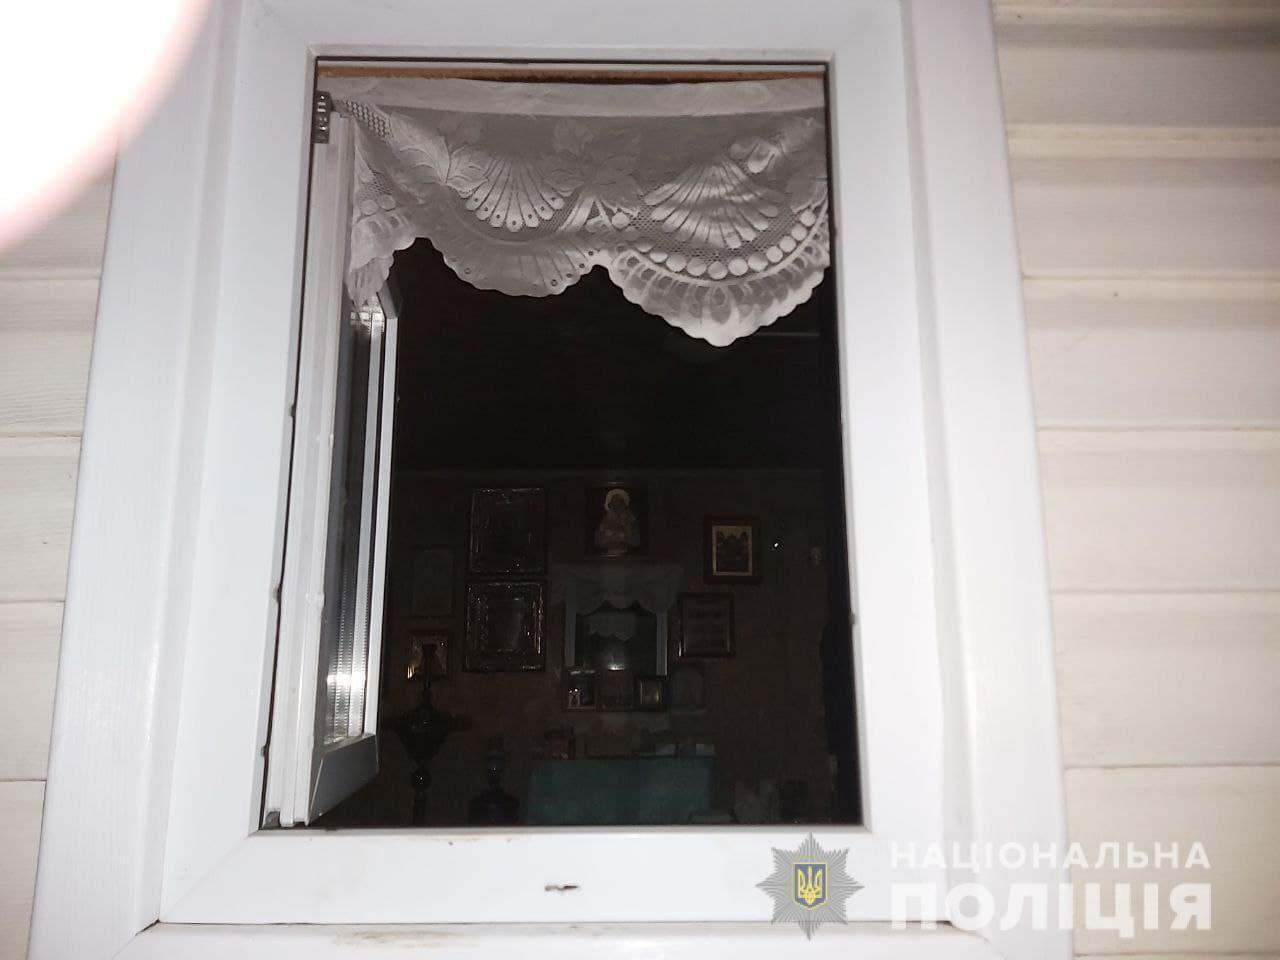 Зловмисник втік через вікно